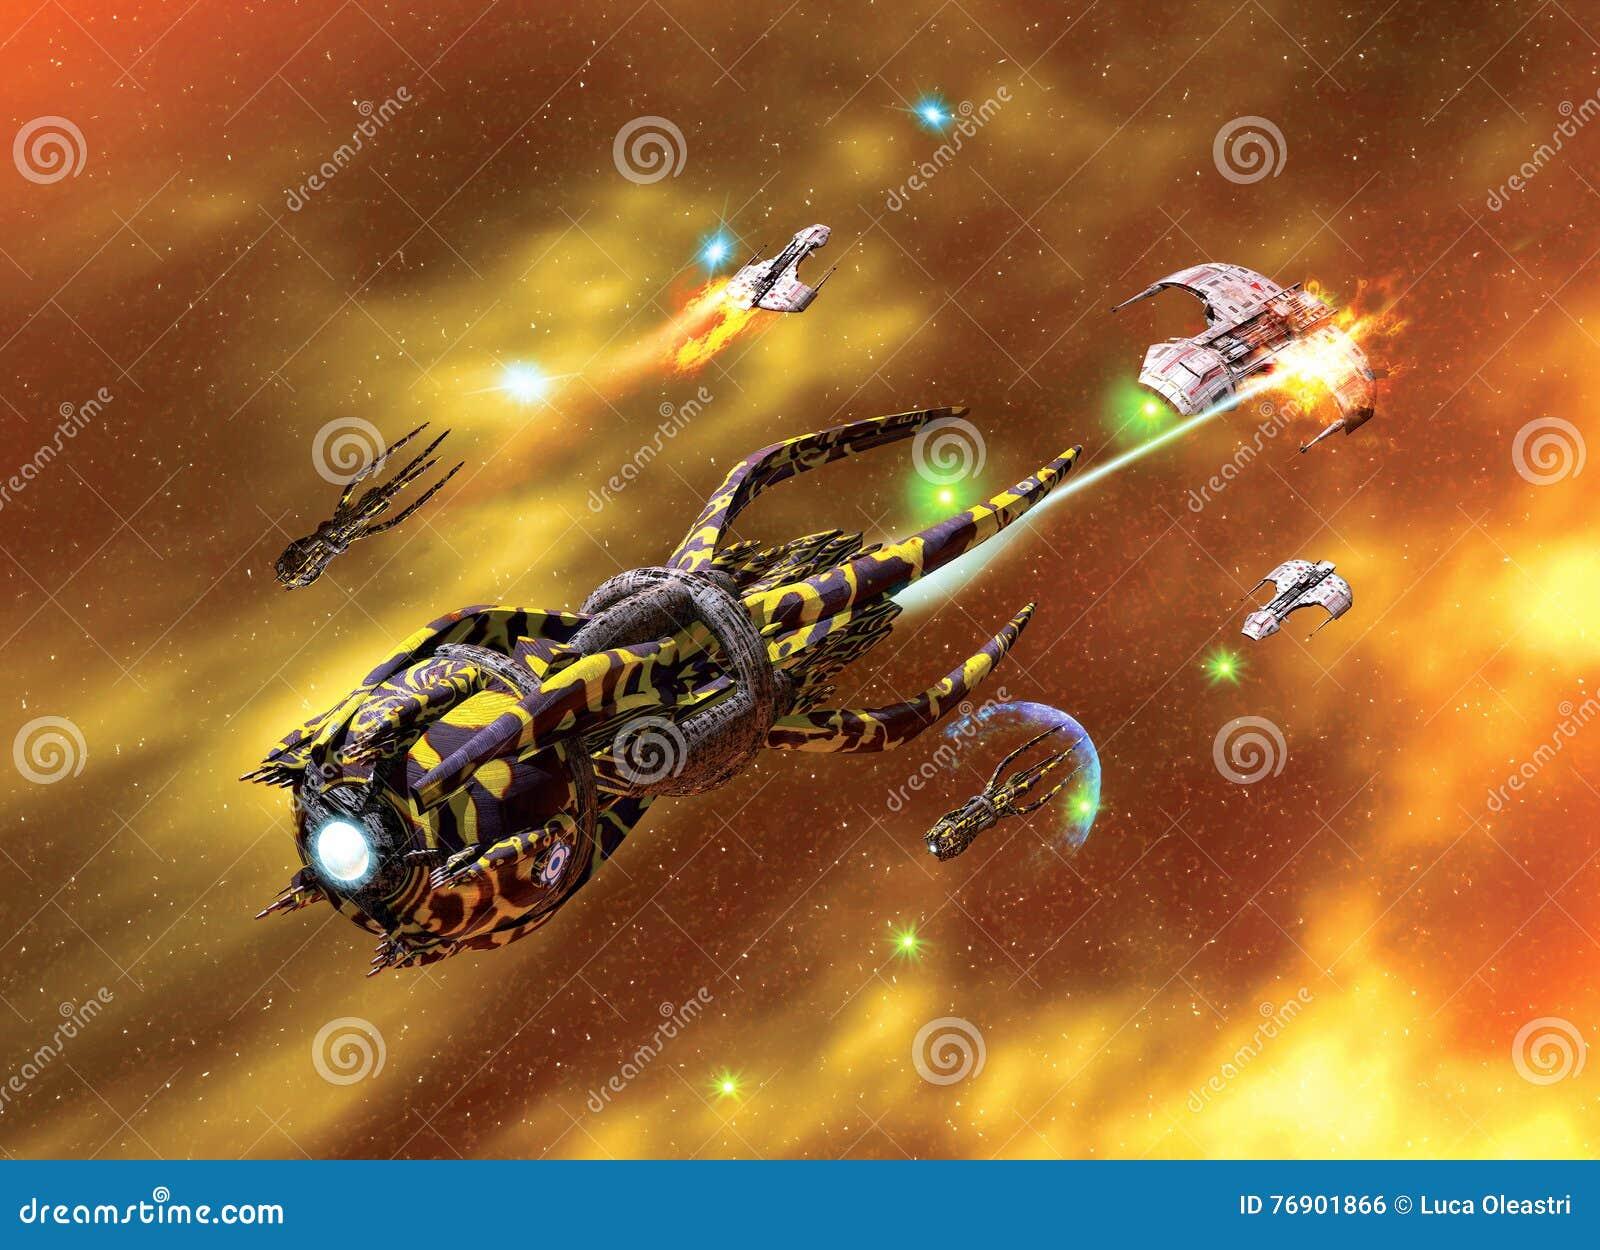 Statek kosmiczny mgławica i niszczyciel